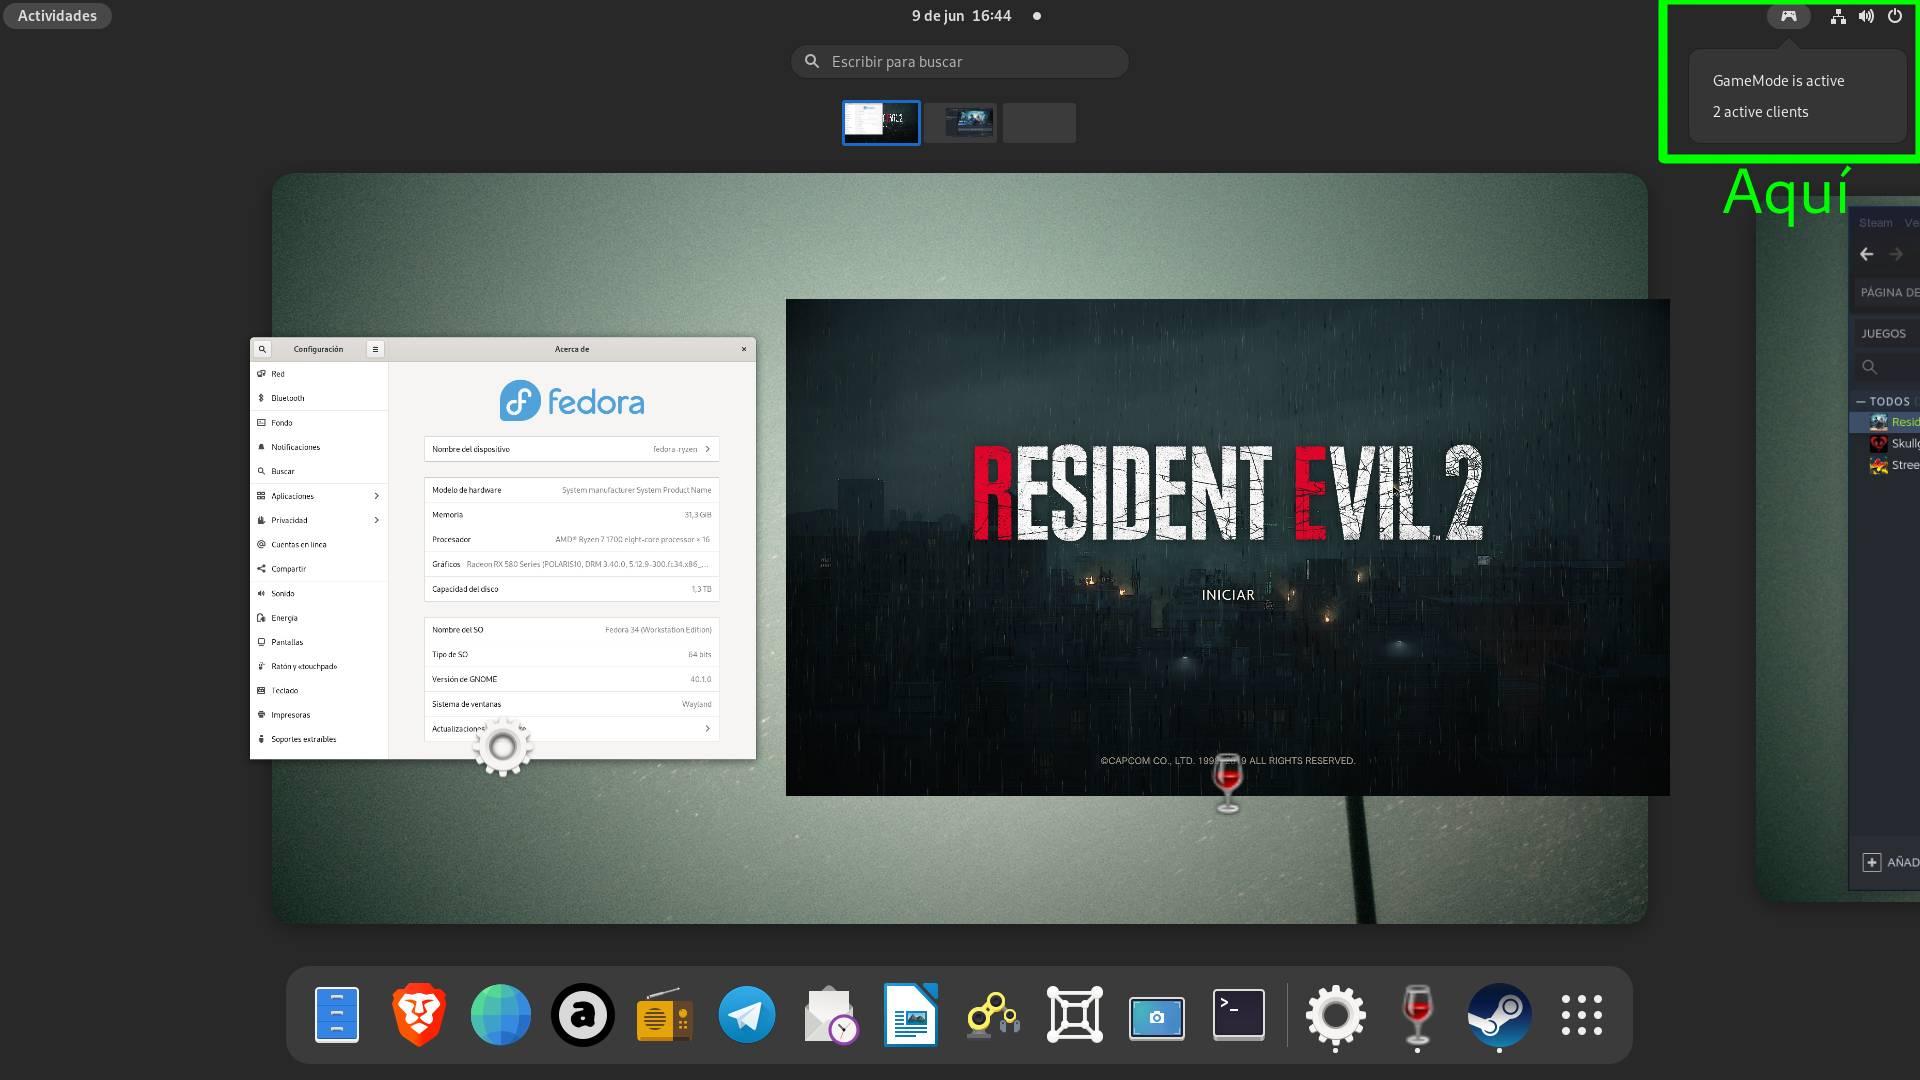 El icono de la extensión indicando que hay dos clientes de GameMode activos